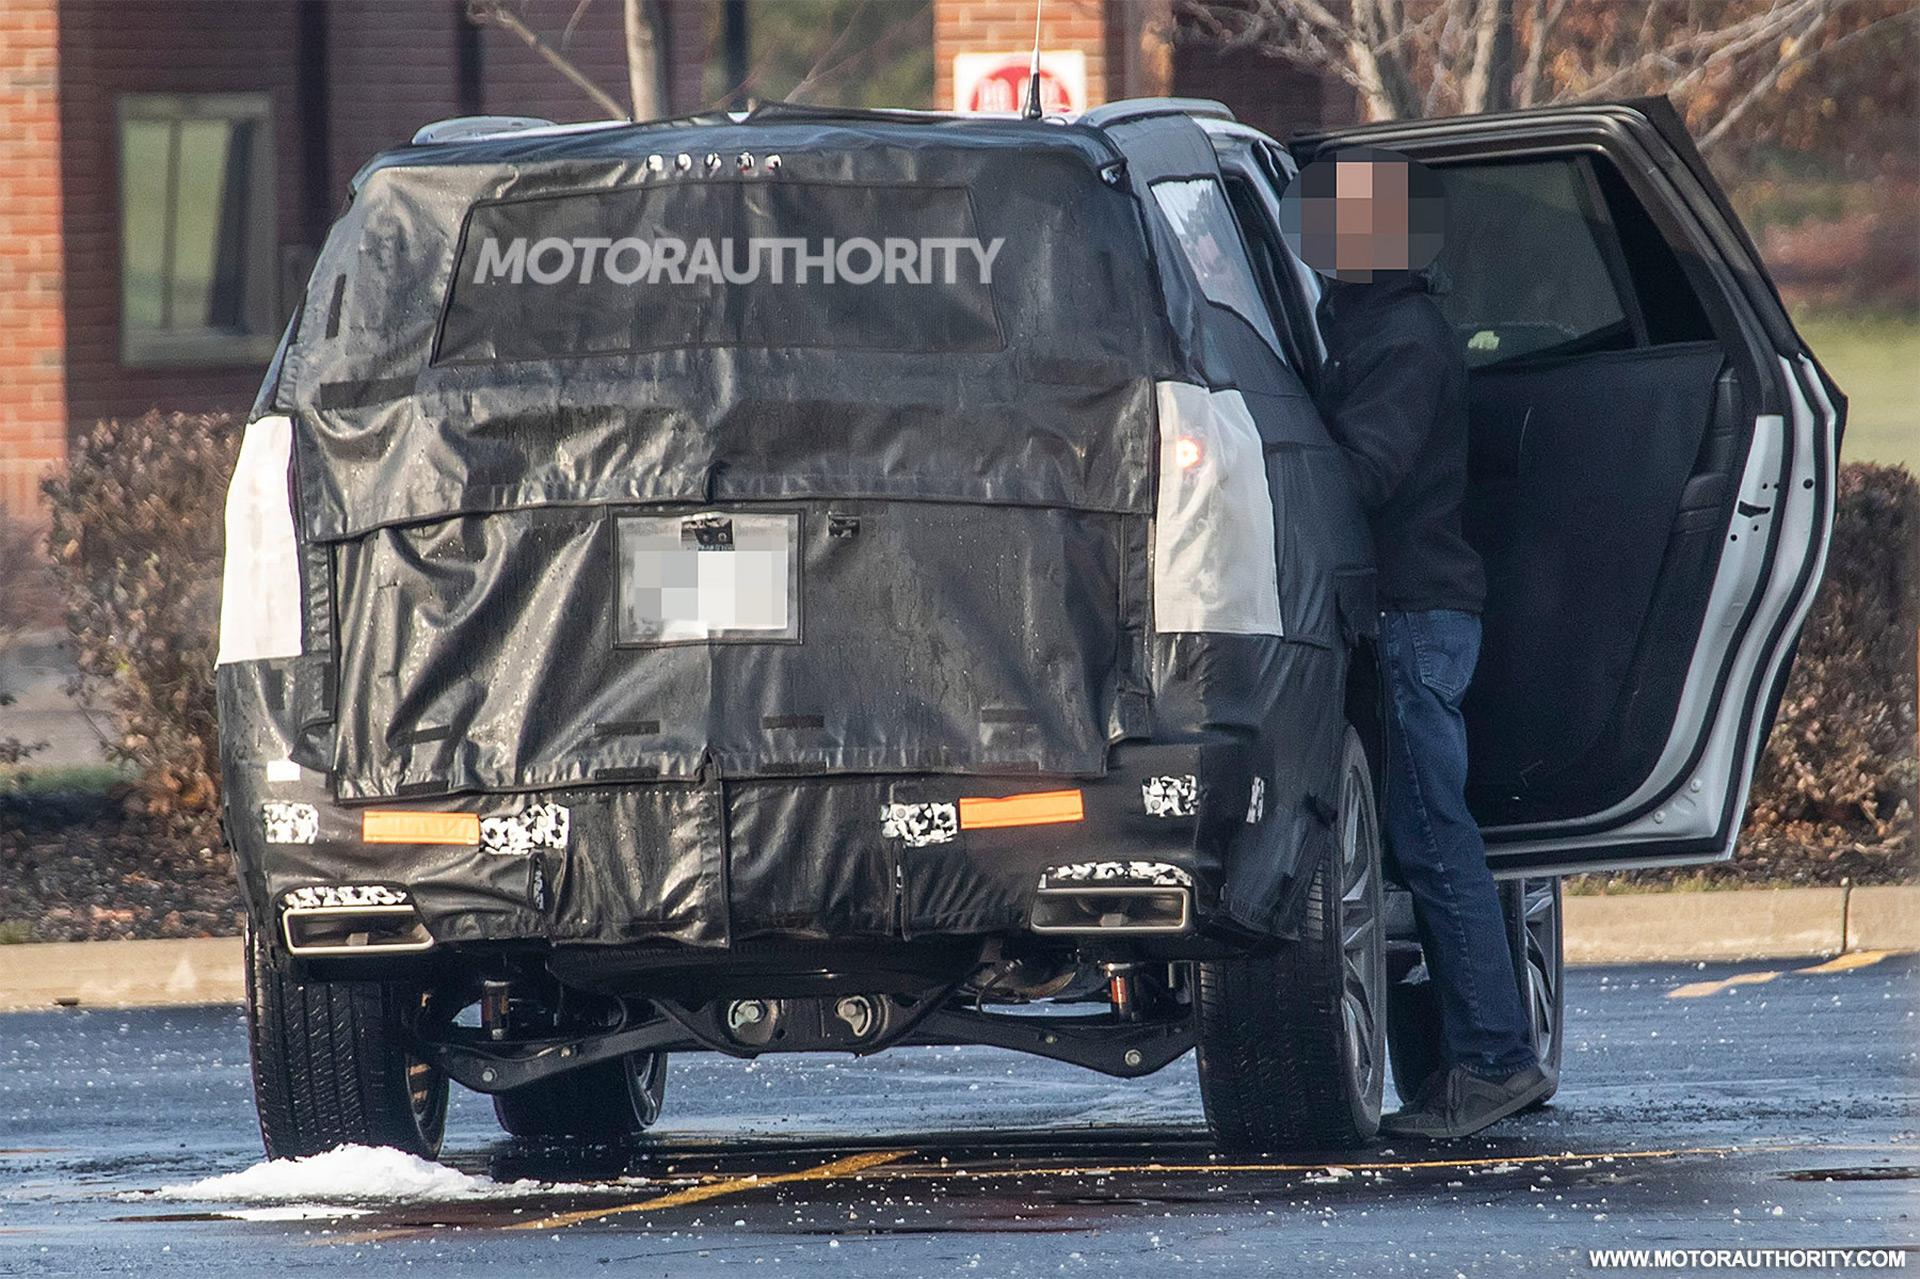 202 - [Cadillac] Escalade V 2020-cadillac-escalade-esv-spy-shots--image-via-s-baldauf-sb-medien_100684215_h